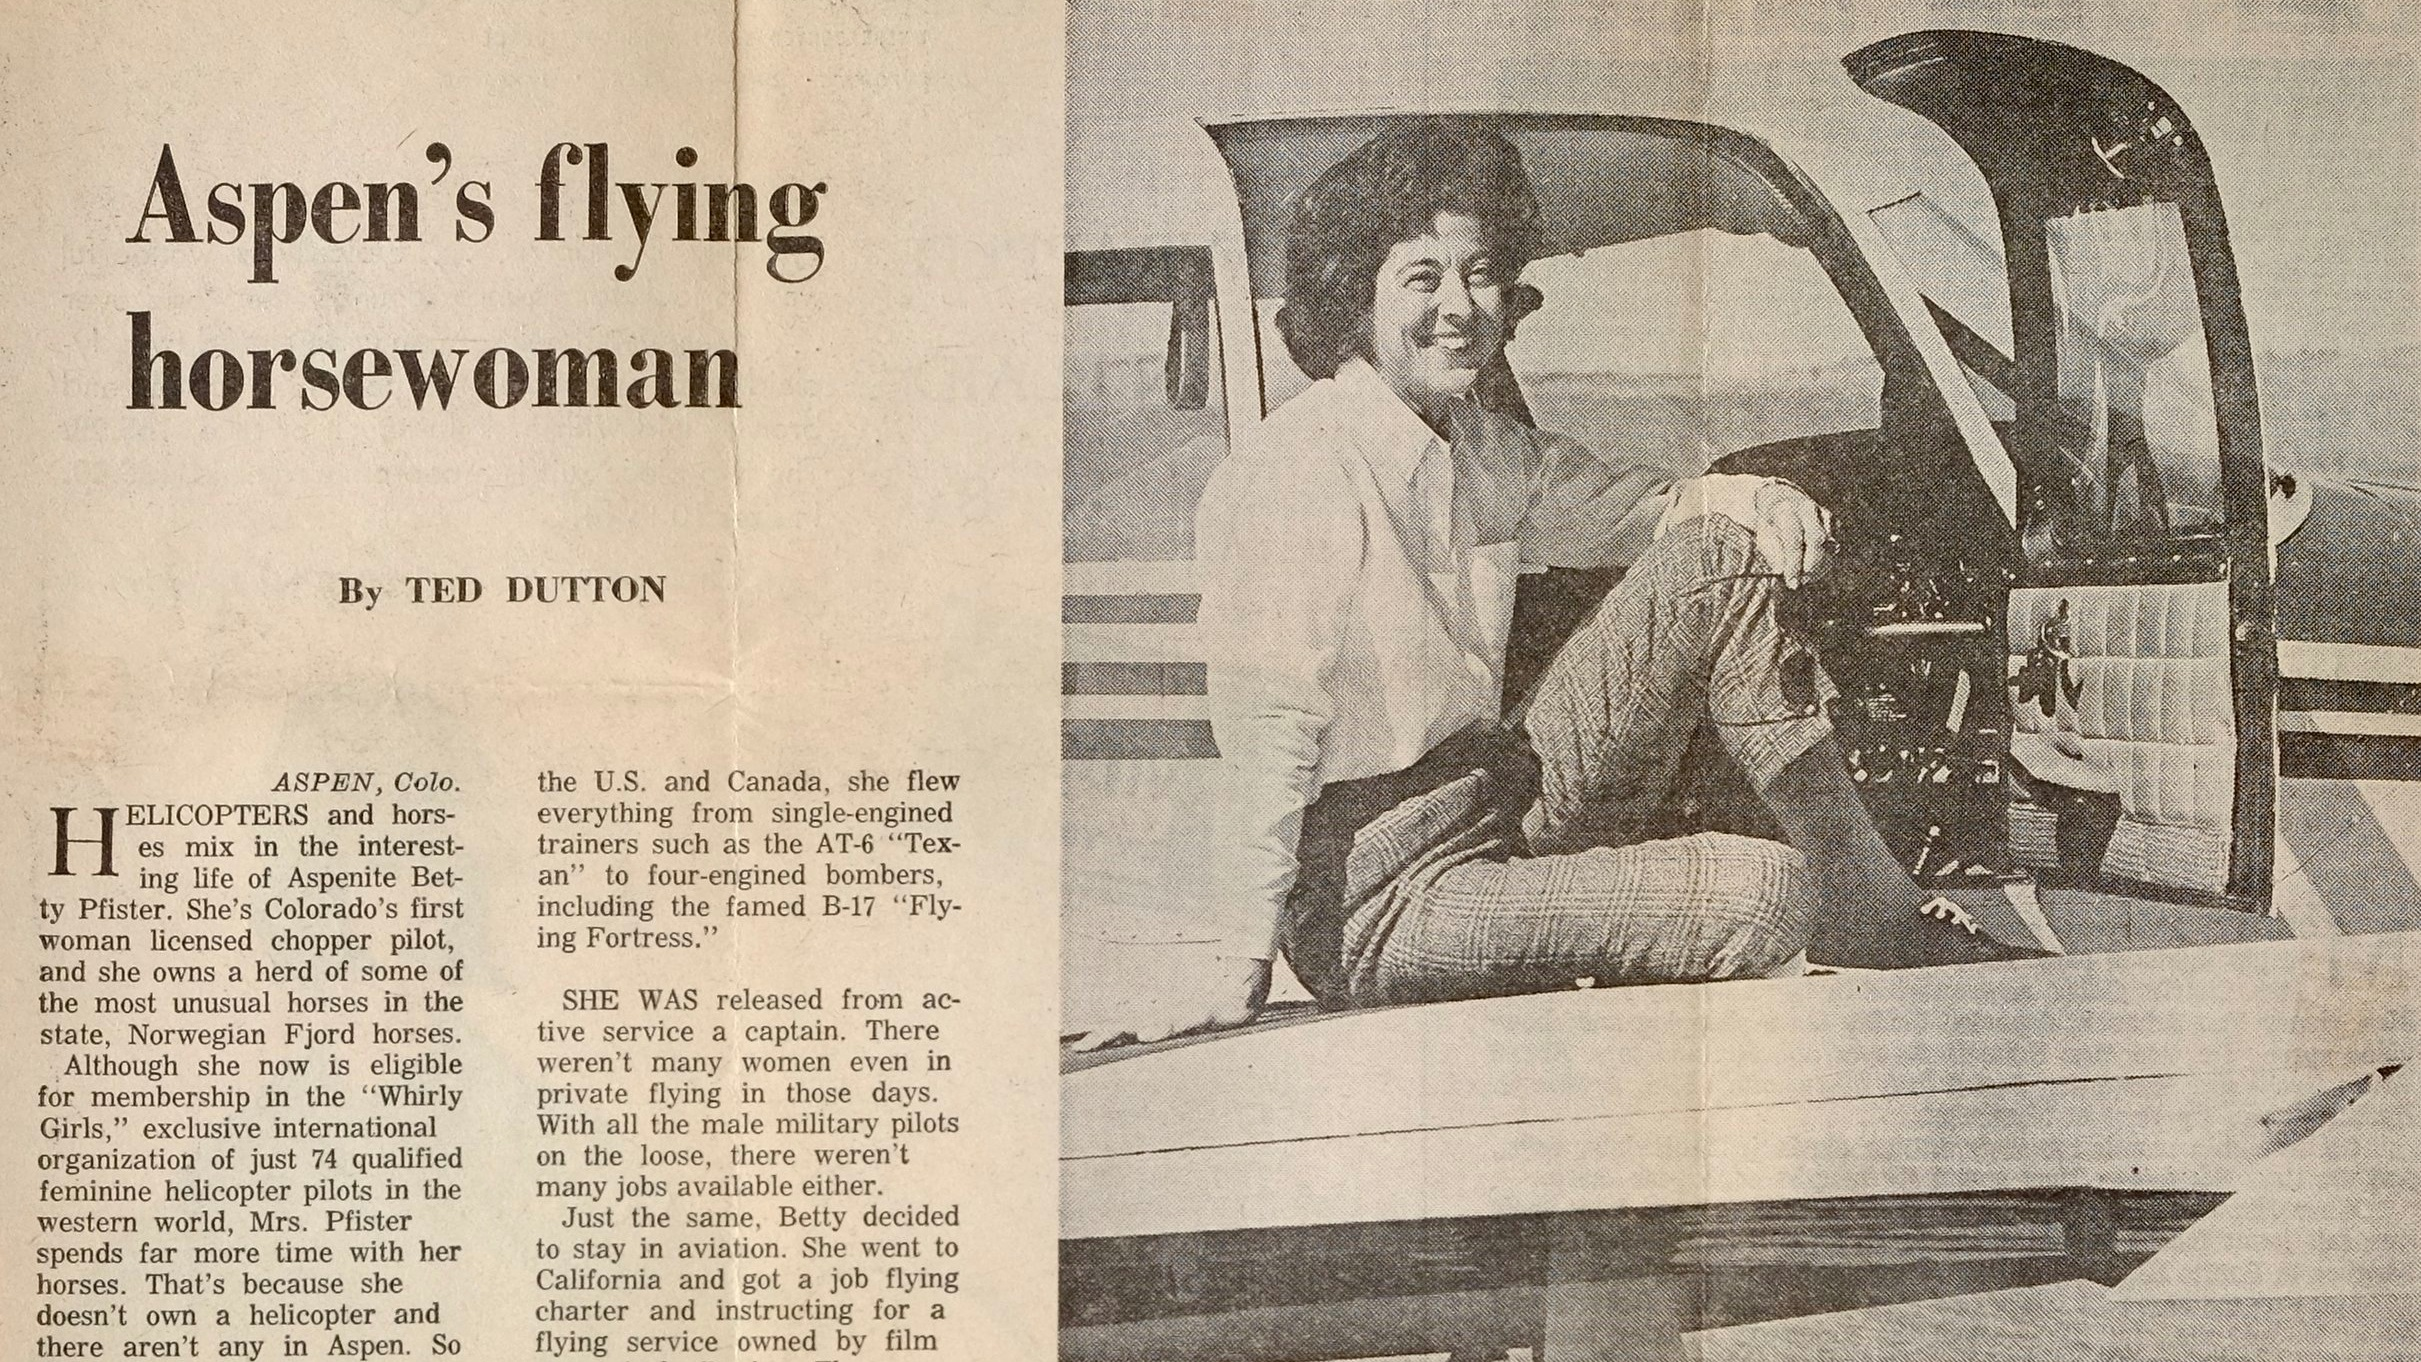 Aspen's flying horsewoman